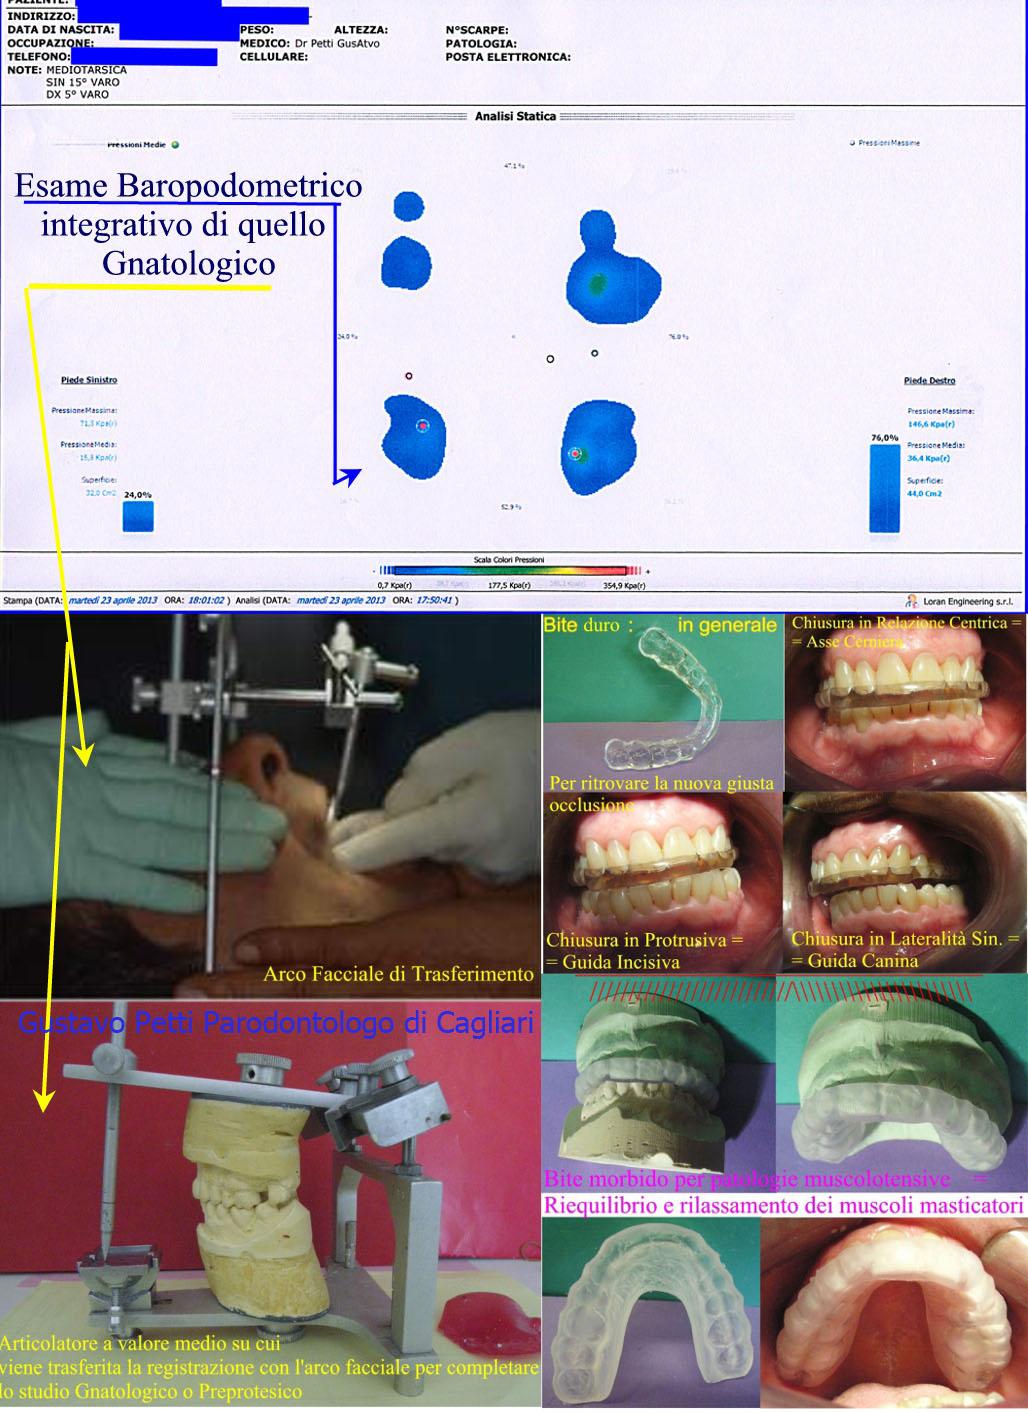 analisi-gnatologica-dr-g.petti-cagliari-252.jpg